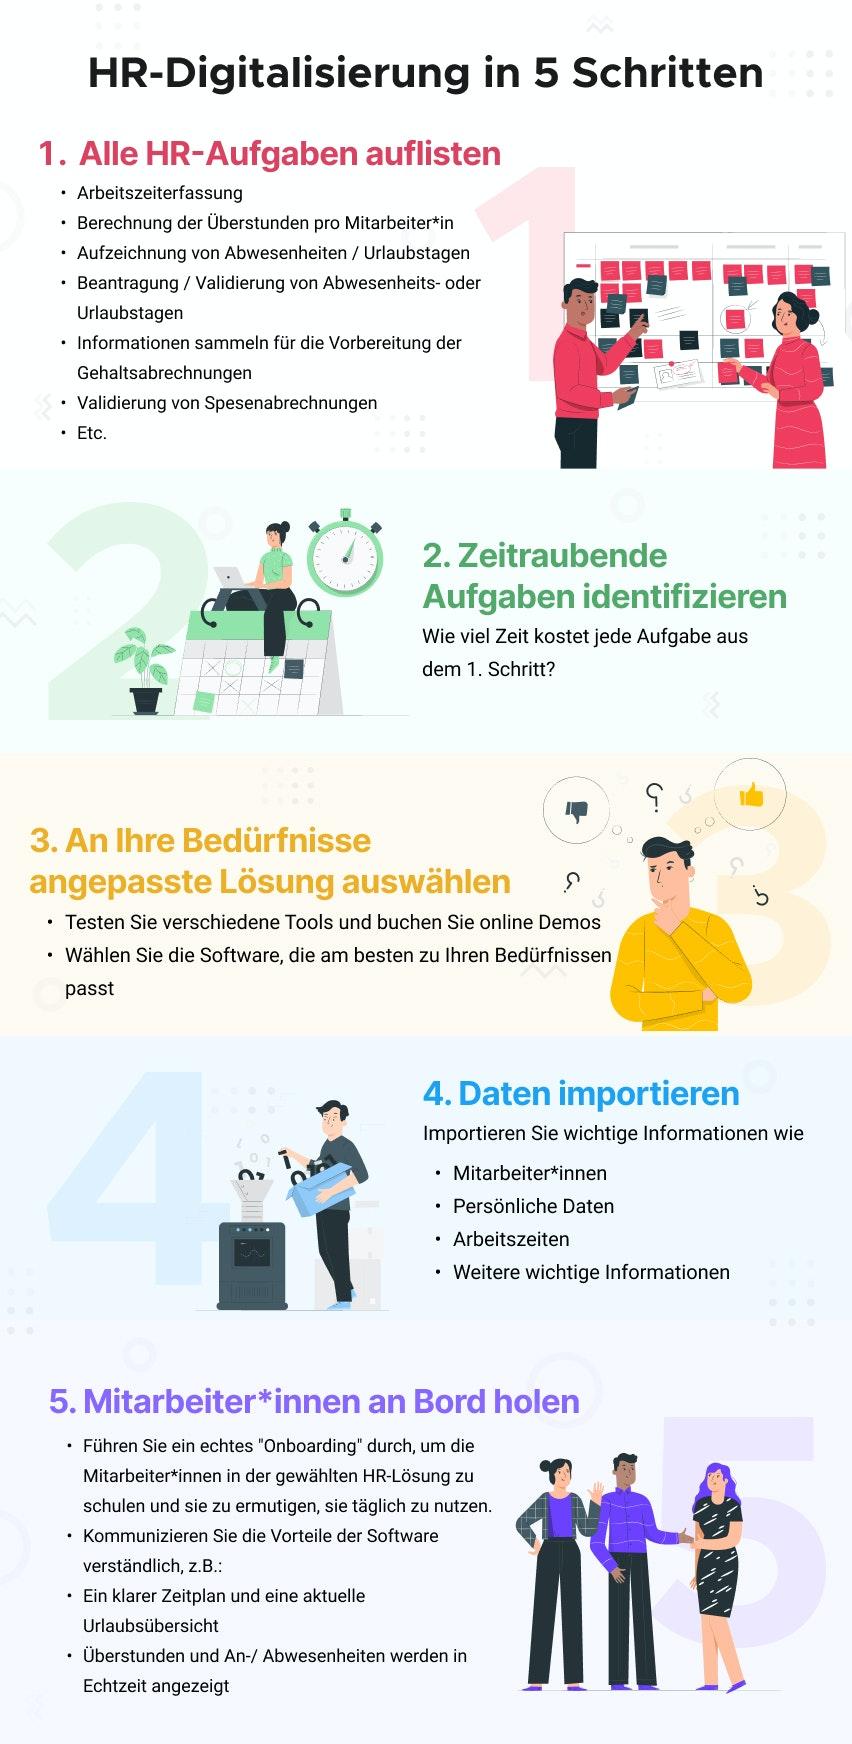 HR-Digitalisierung in 5 Schritten